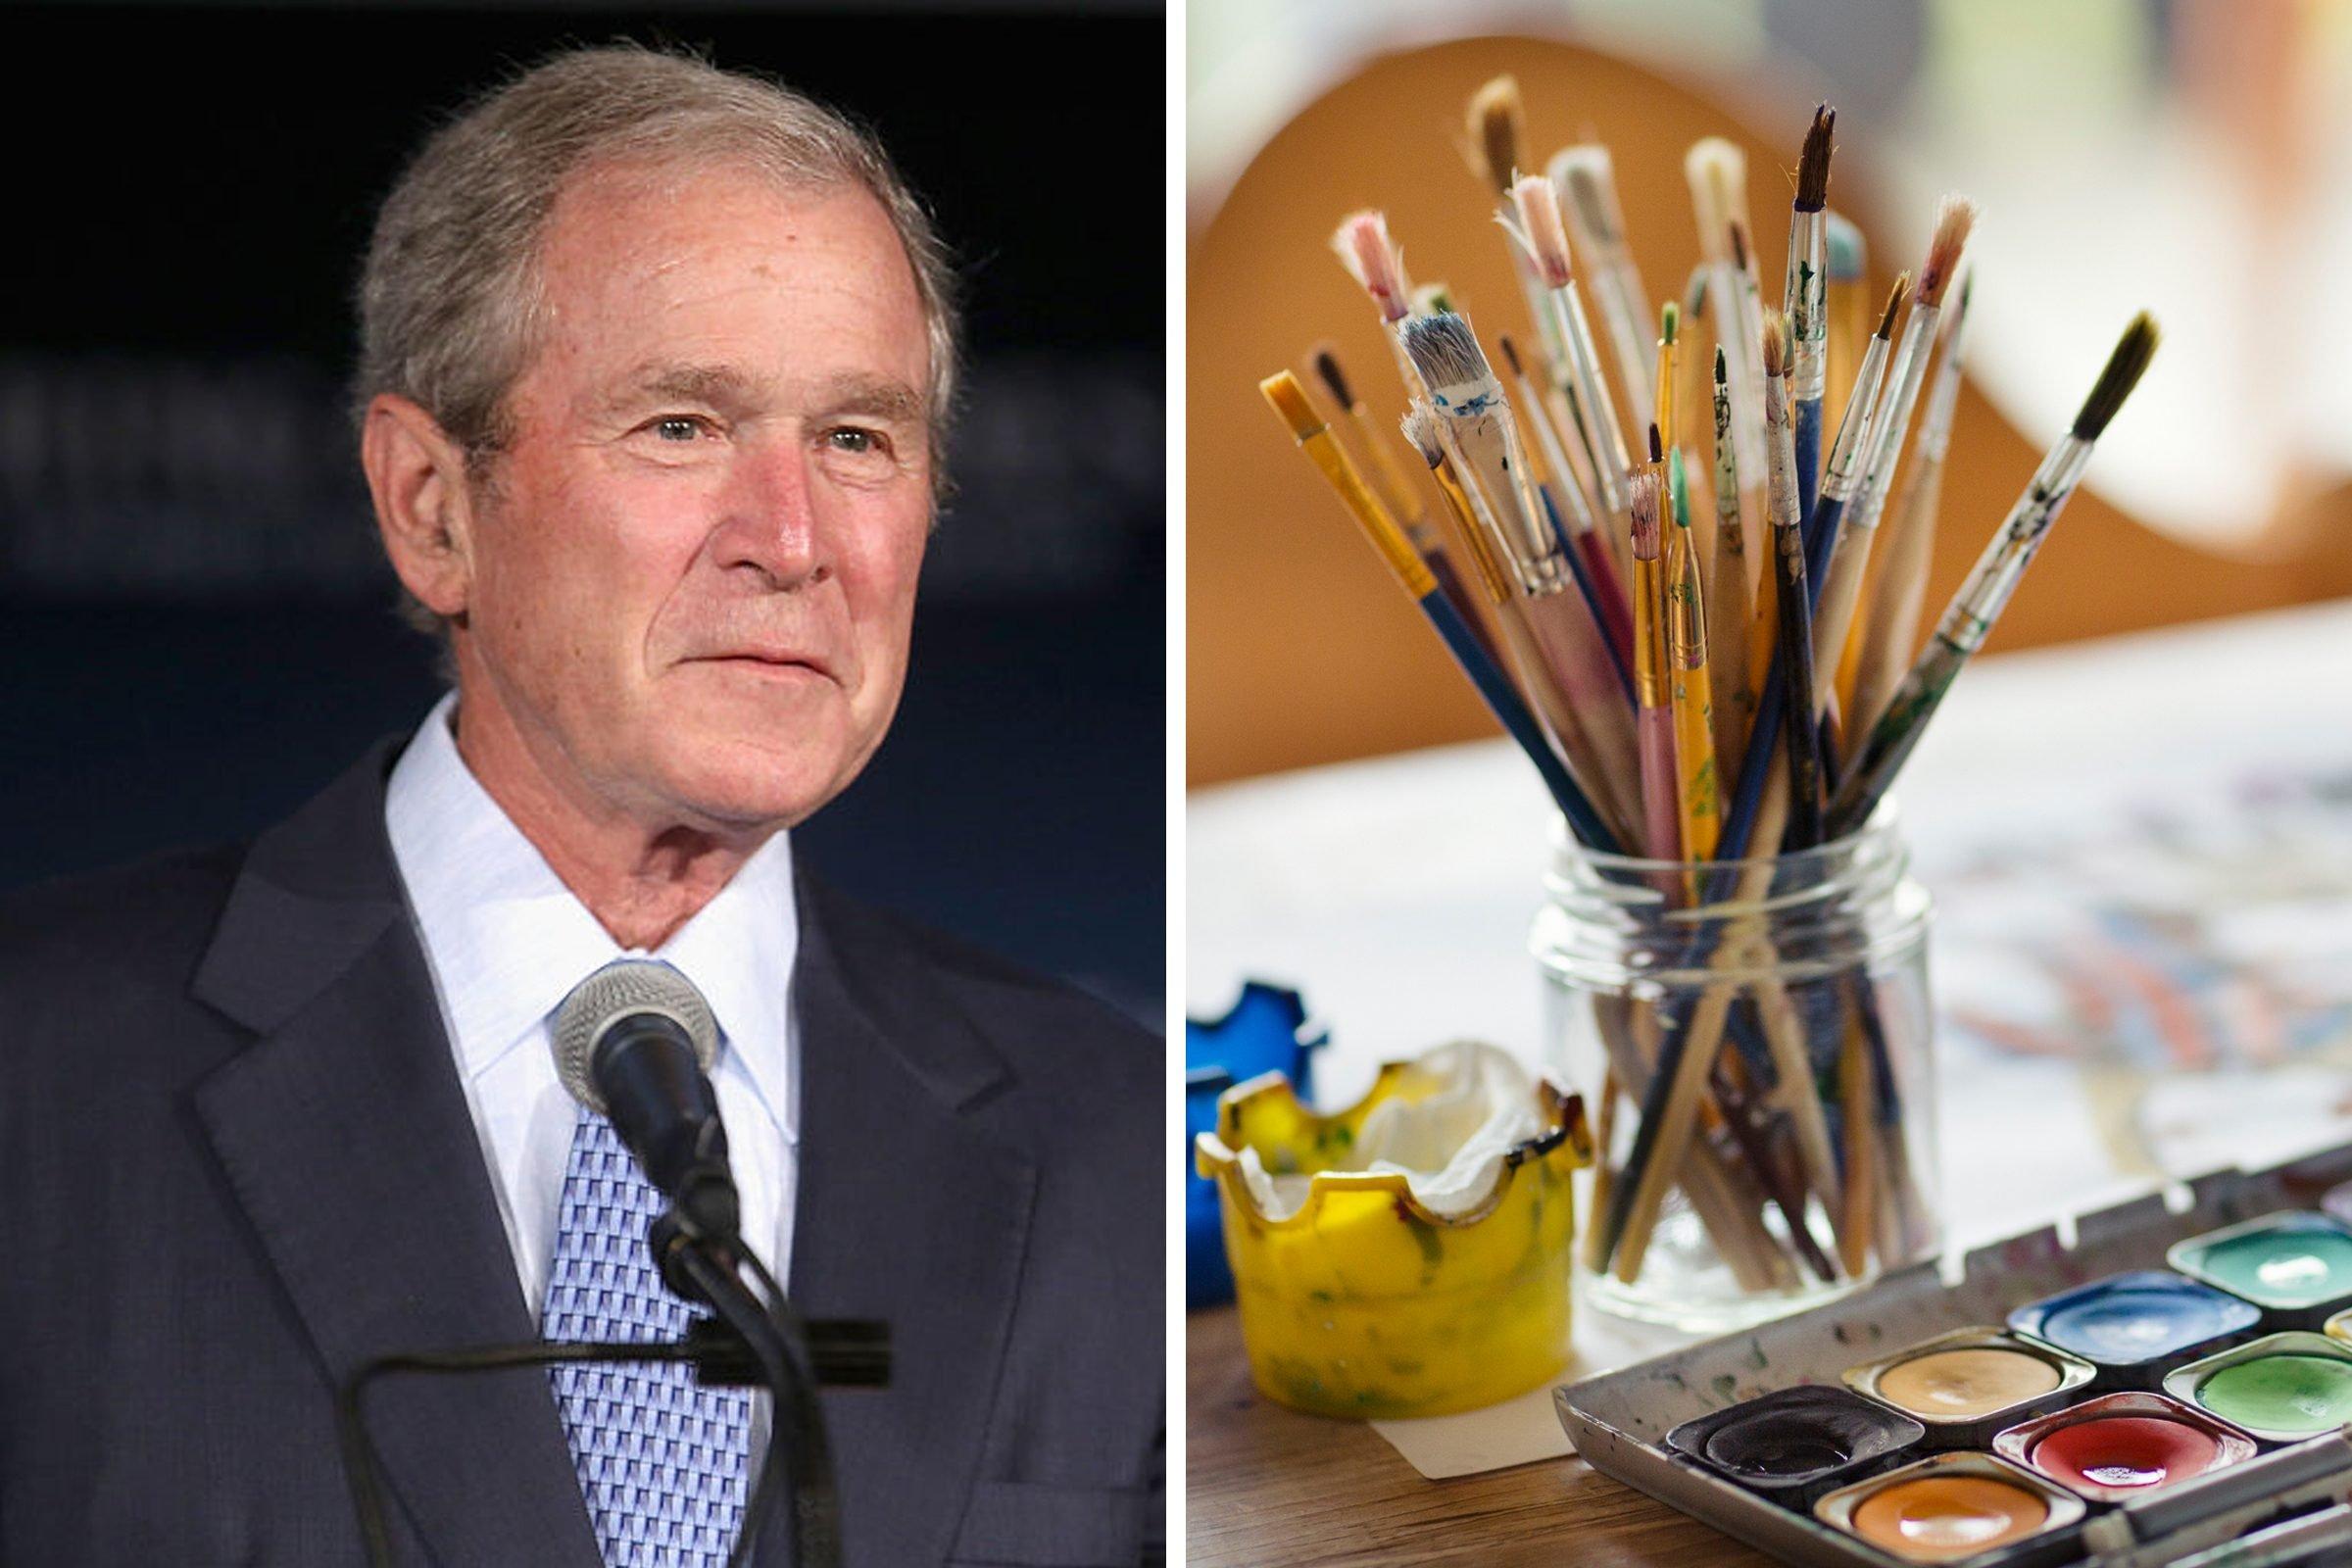 President Bush painter